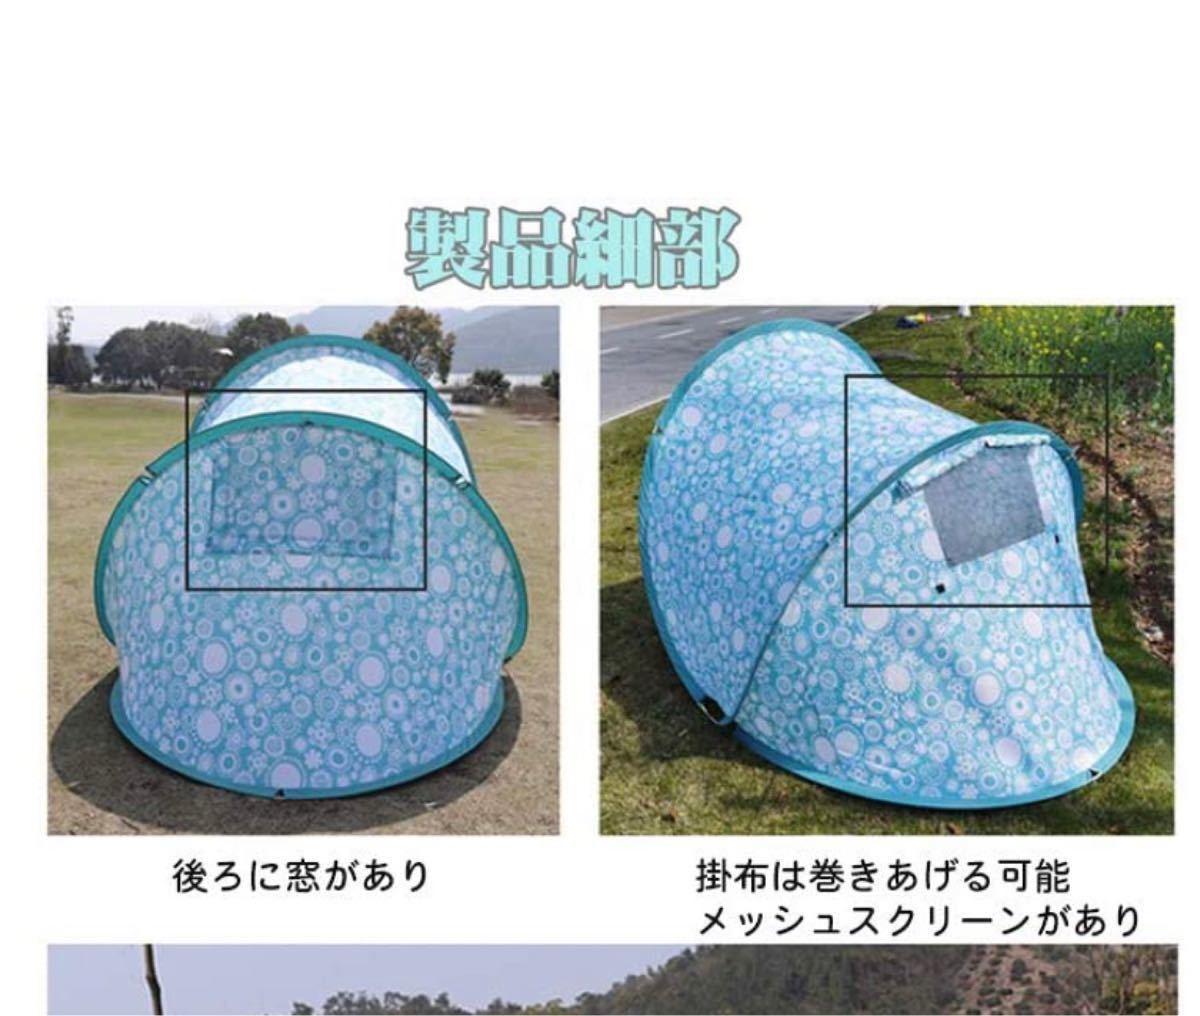 ワンタッチテント UVカット キャンプ用品